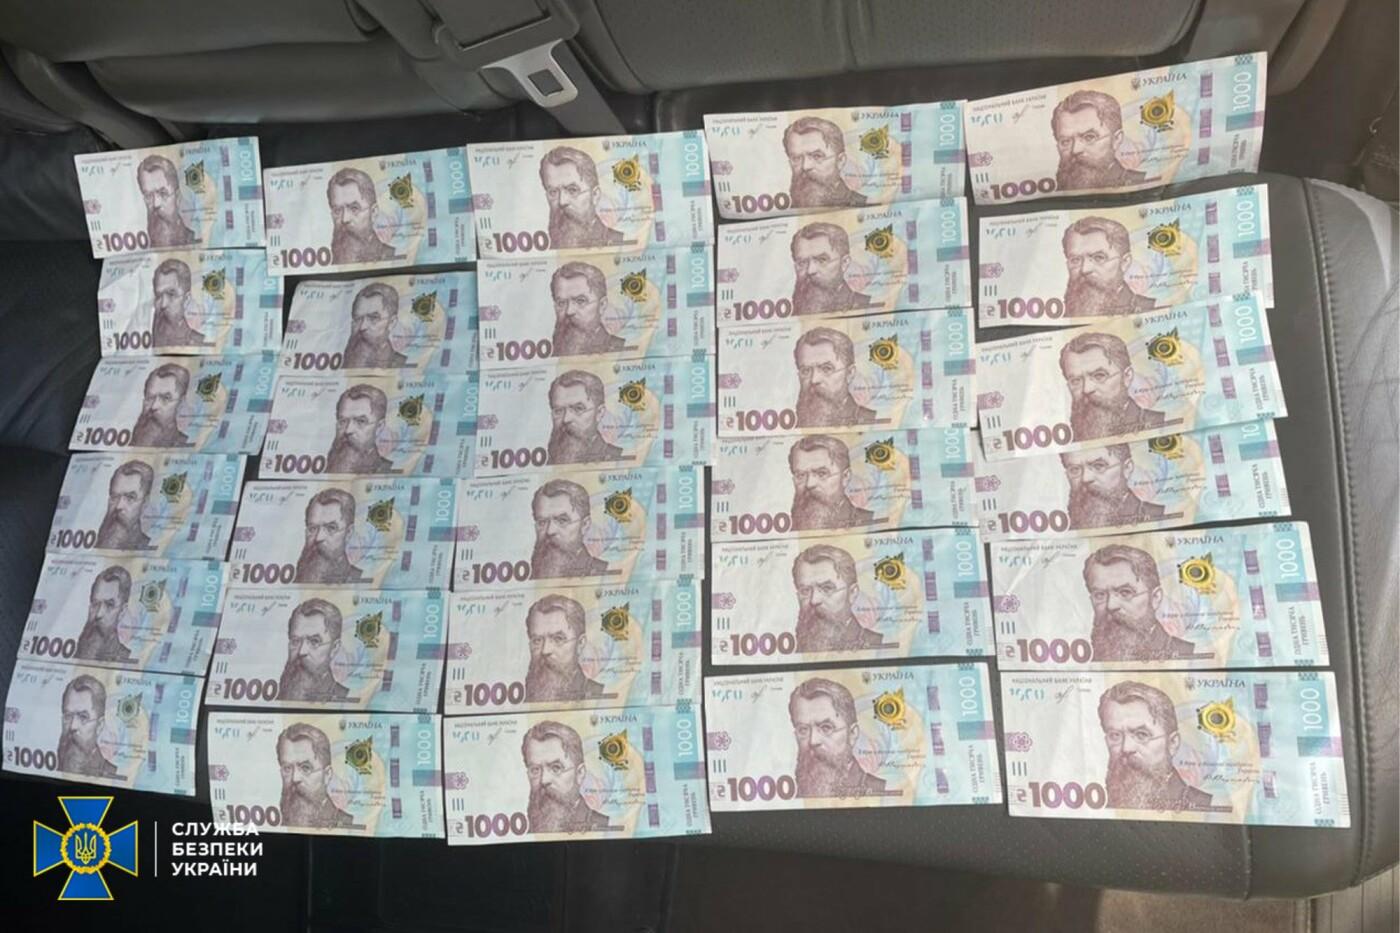 В Днепропетровской области «торговали» статусом участника боевых действий: СБУ разоблачила на этом чиновников, фото-3